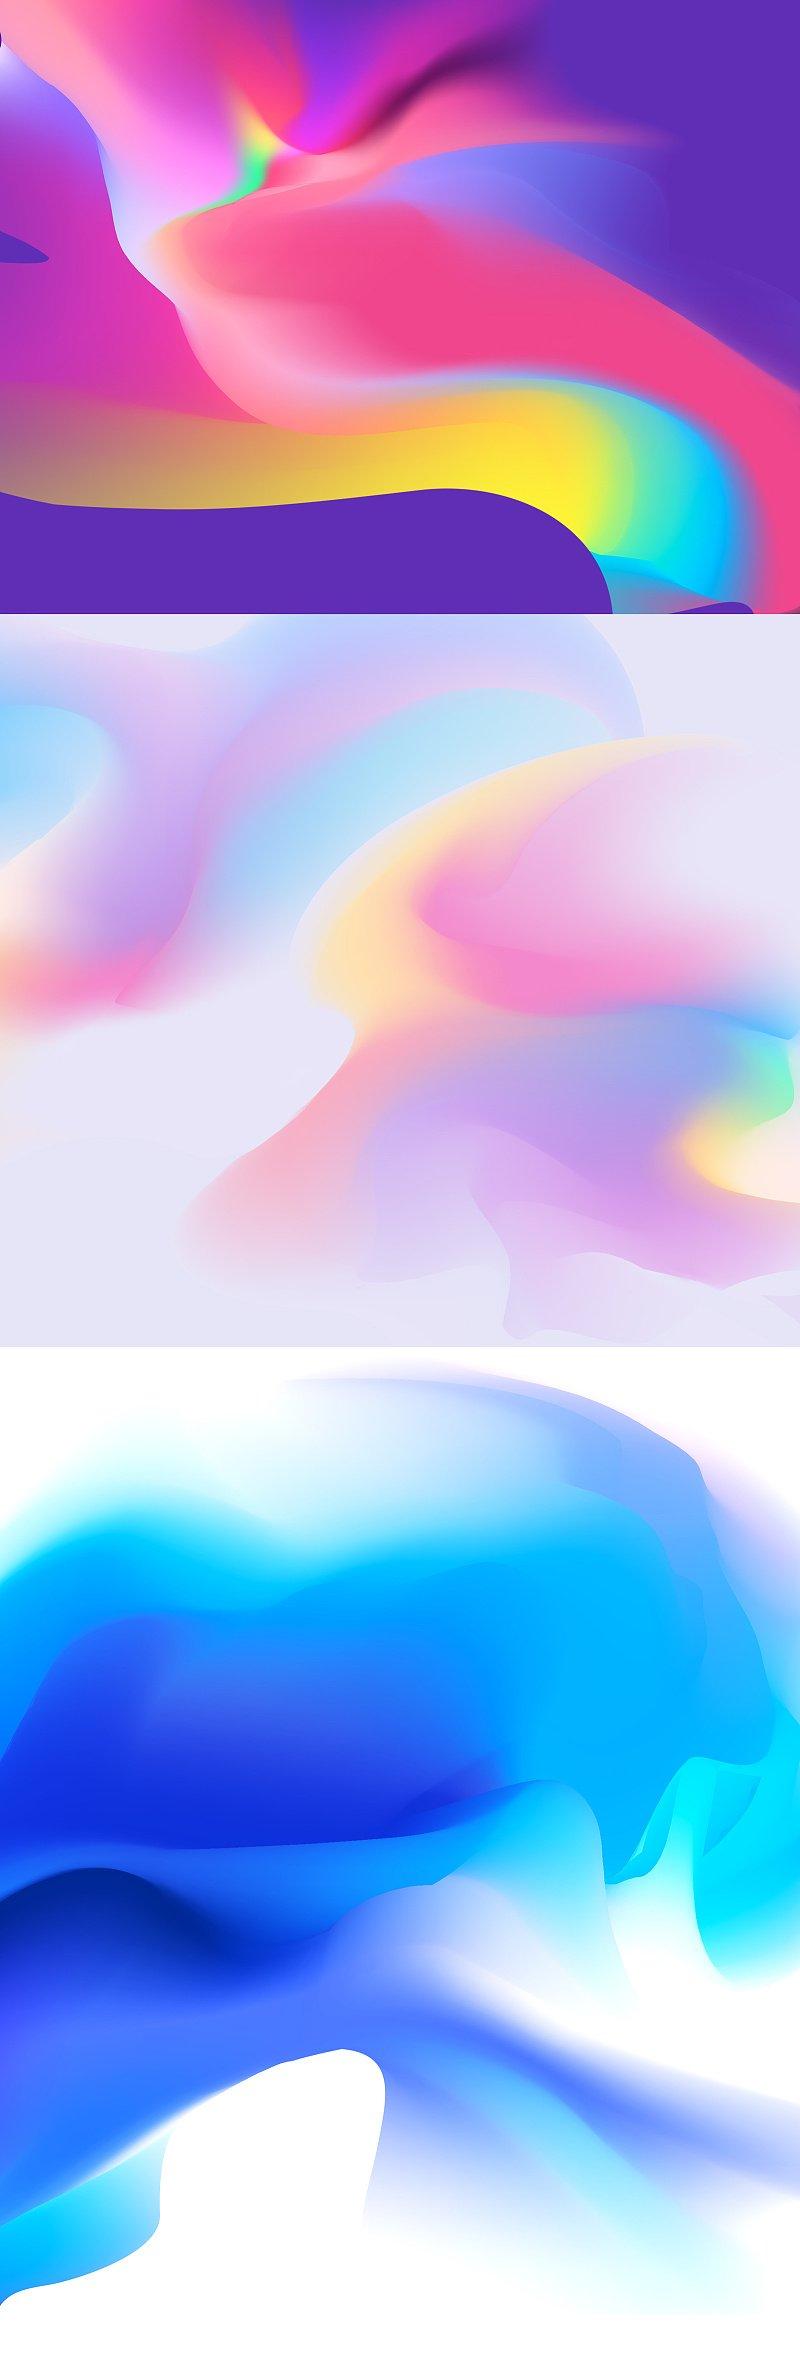 iPhone X的壁纸教程3